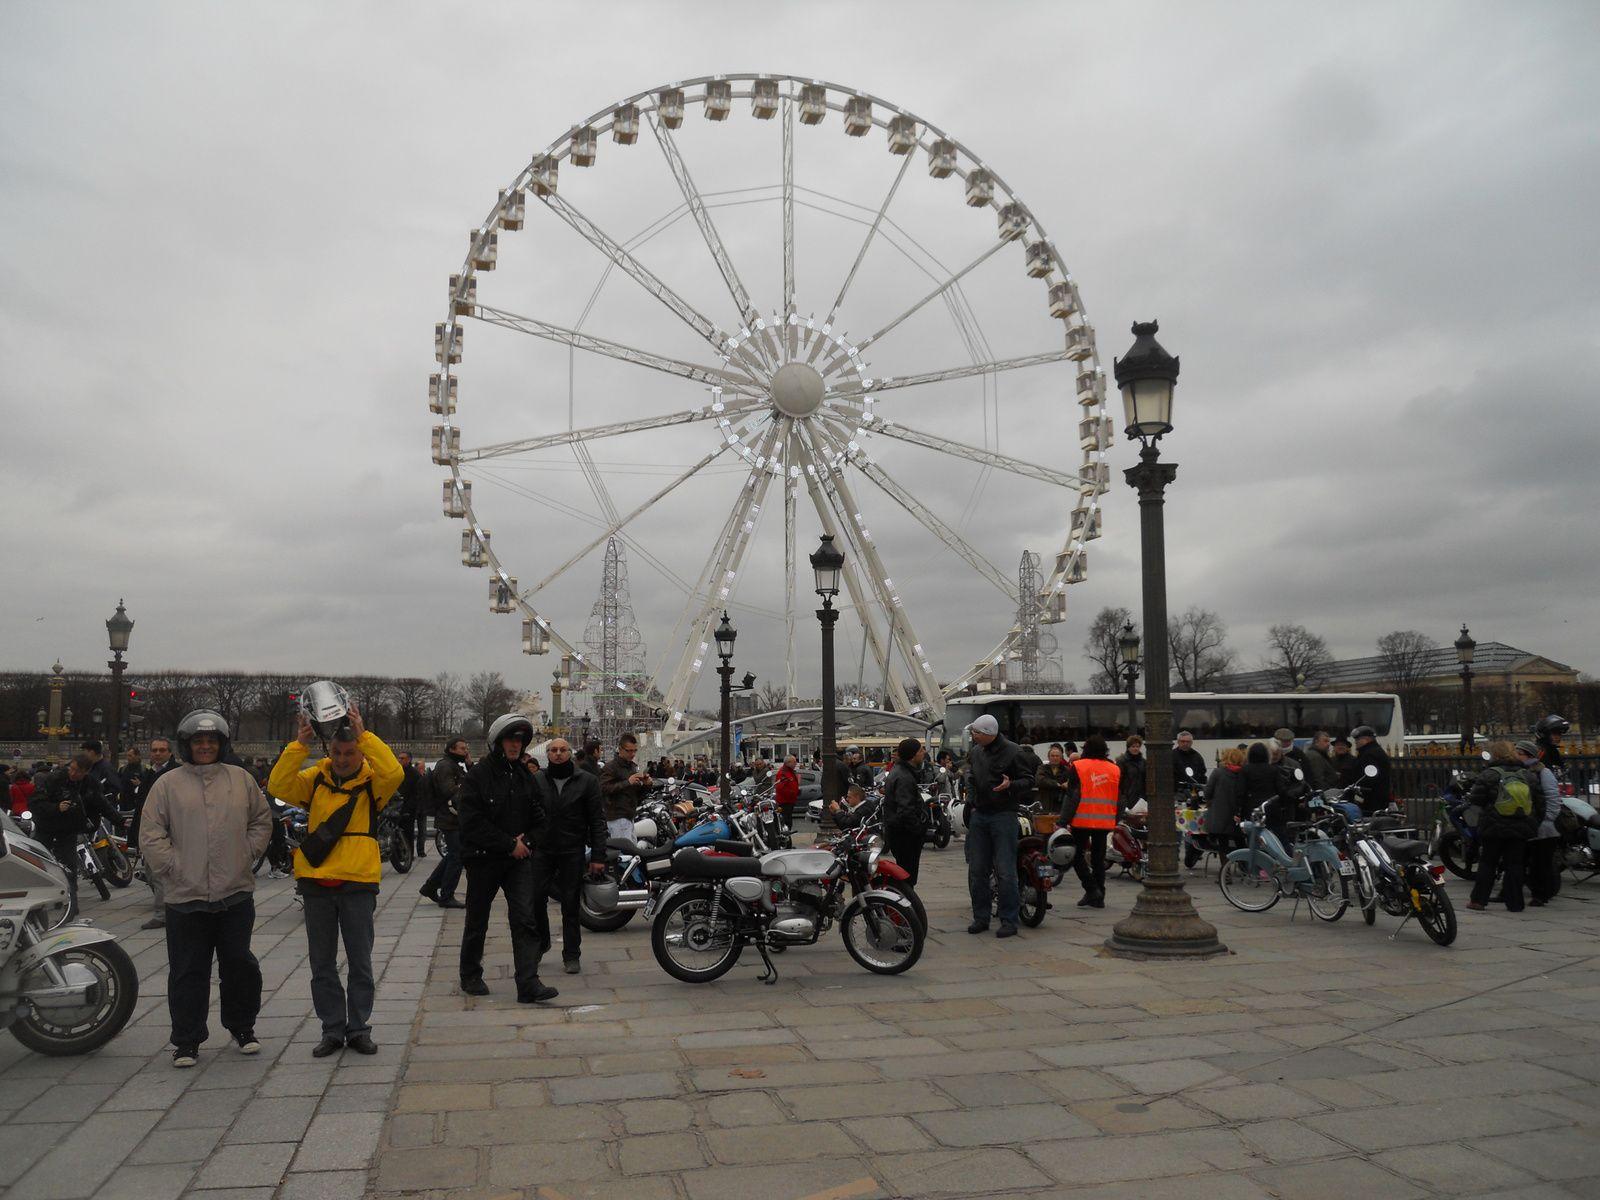 http://www.lesrendezvousdelareine.com Avec la nouvelle année, 670 seront les BONS CHIFFRES